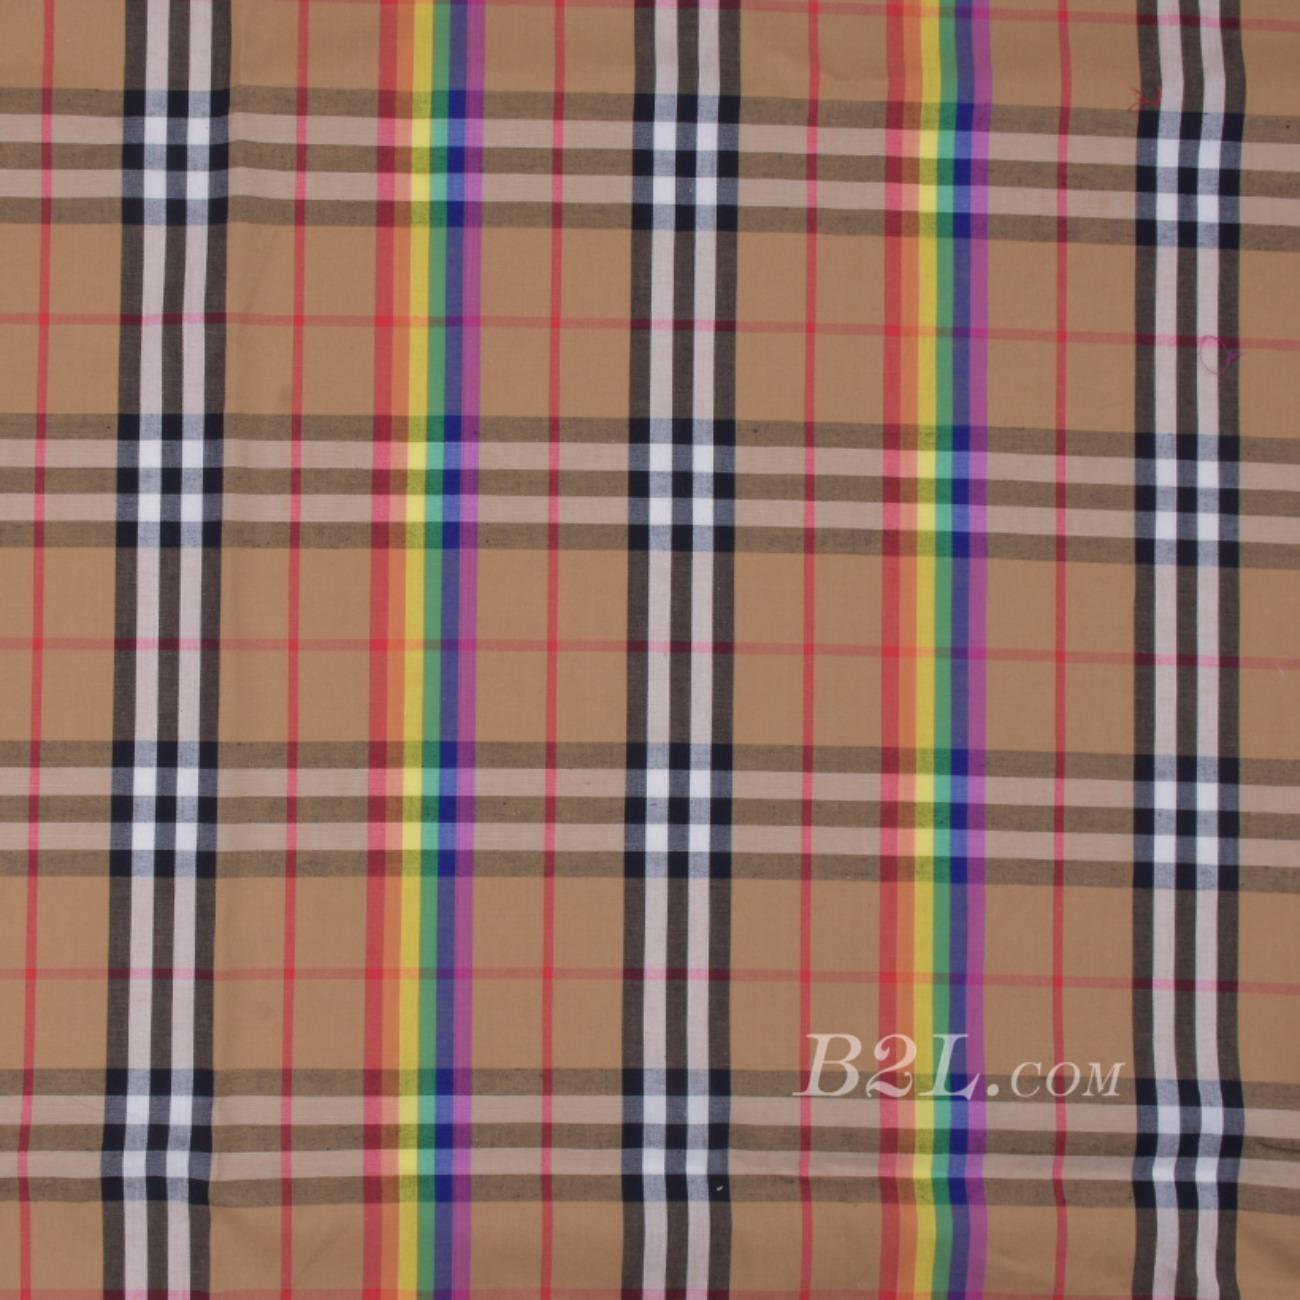 梭织 格子 巴宝莉 平纹 全棉 棉感 低弹 衬衫 女装 男装 80510-2